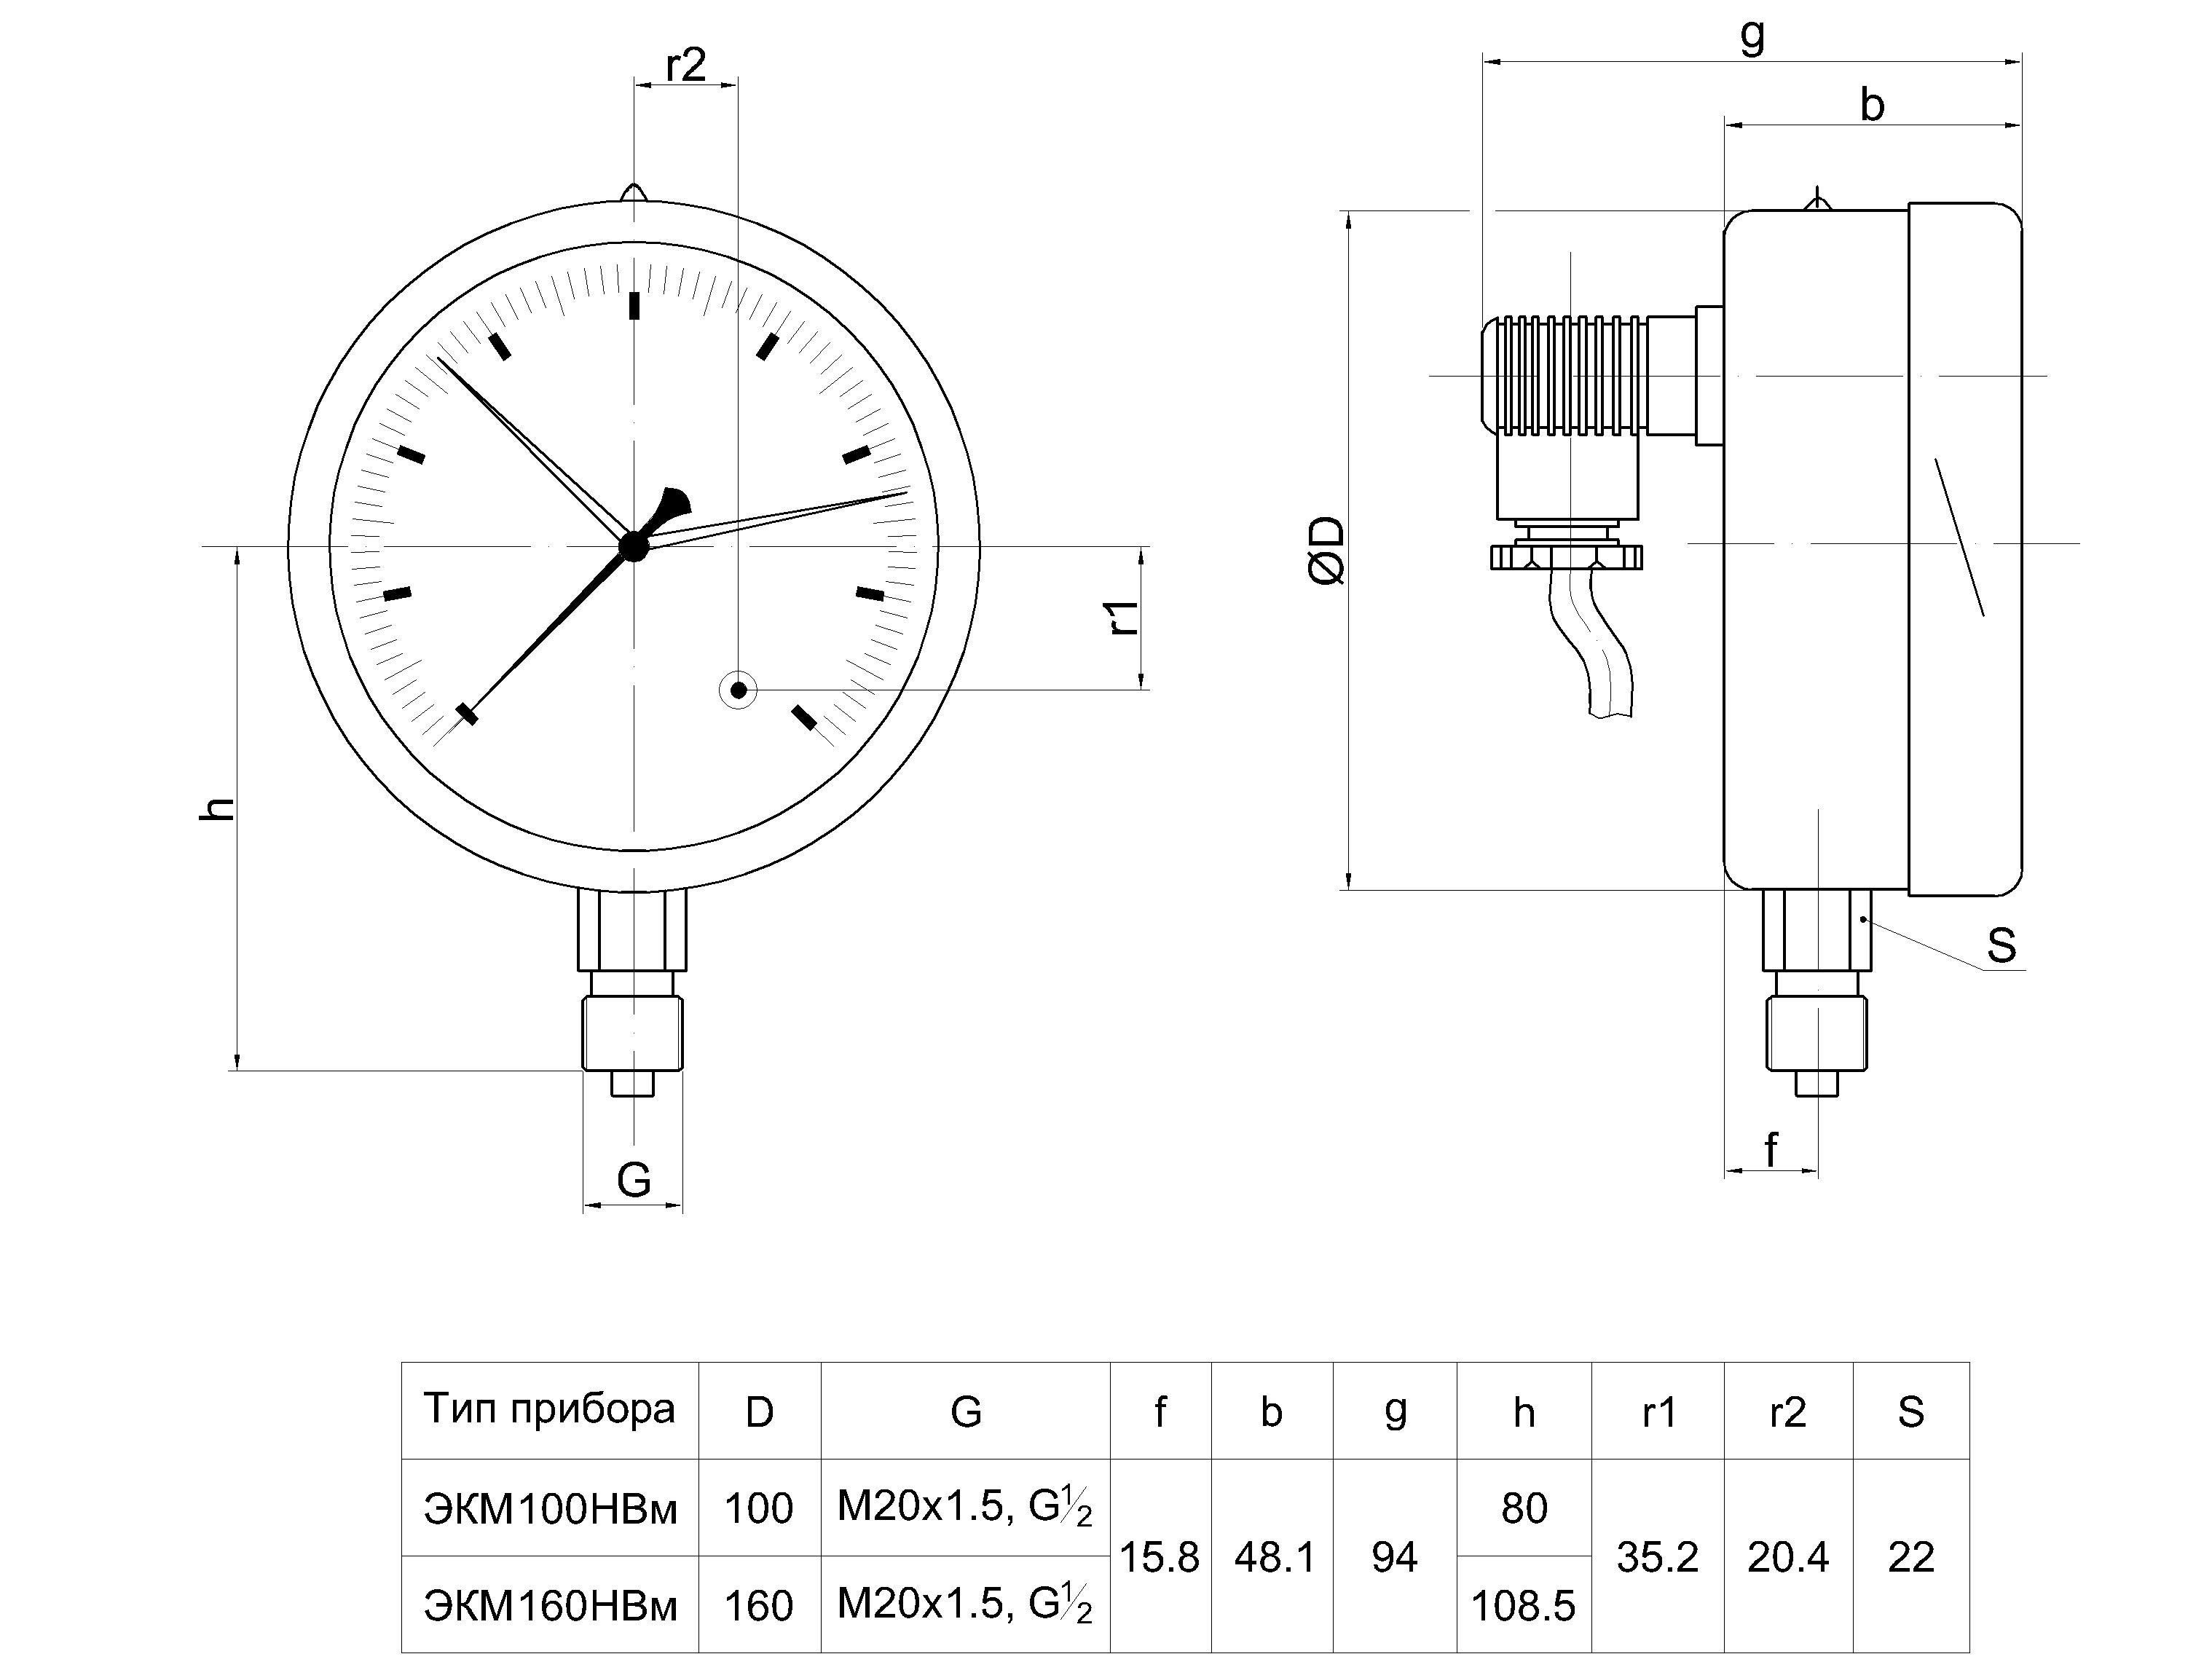 Электроконтактные манометры и работа исполнений контактных групп